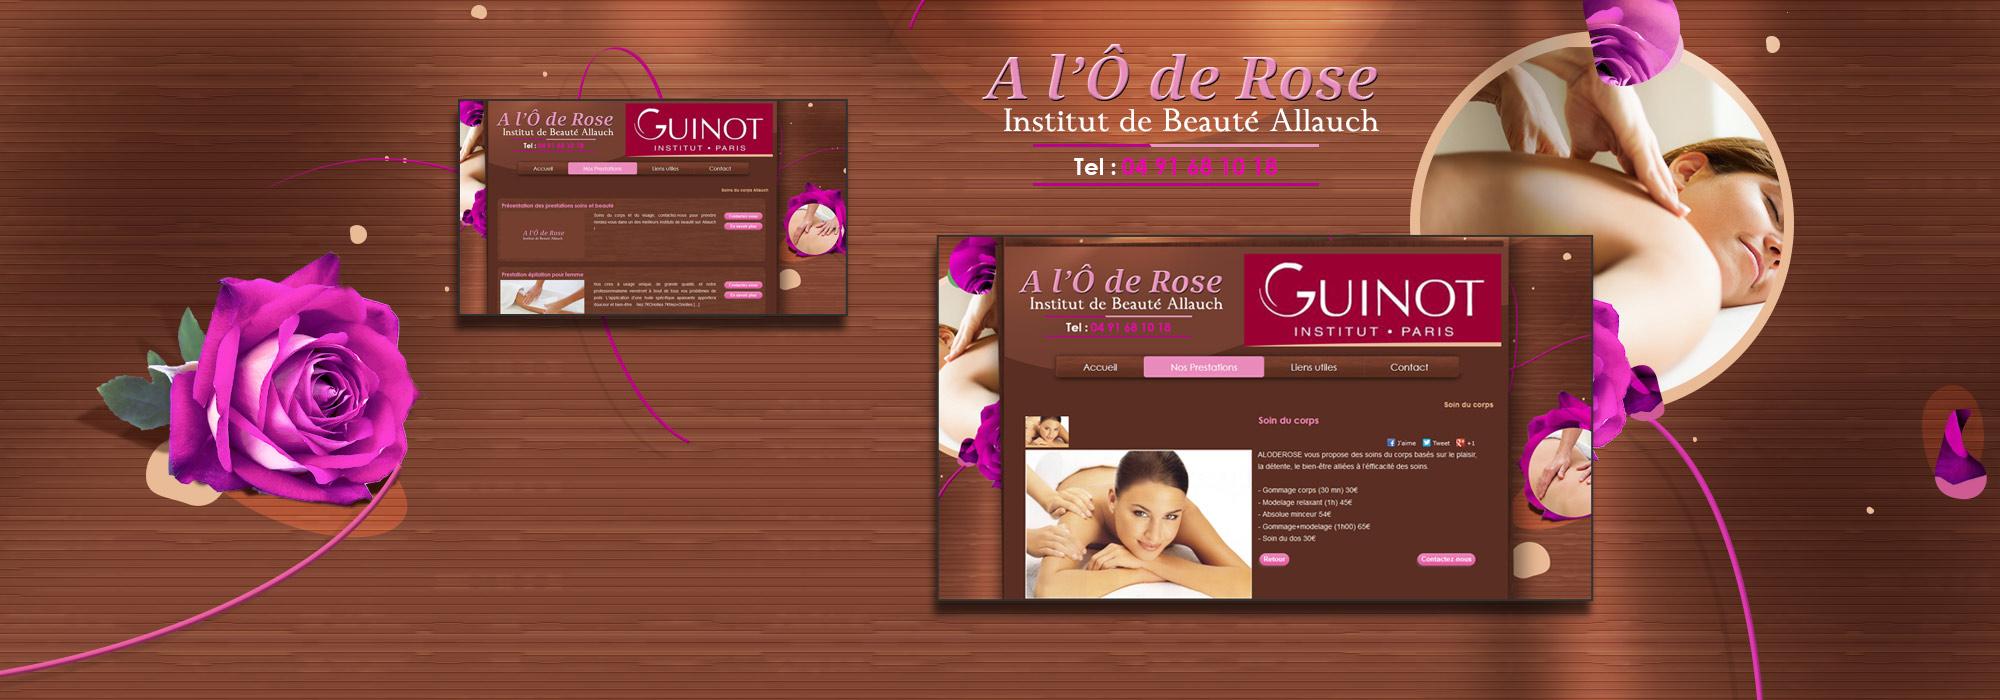 Institut de beauté Guinot - Allauch, A l'O de Rose